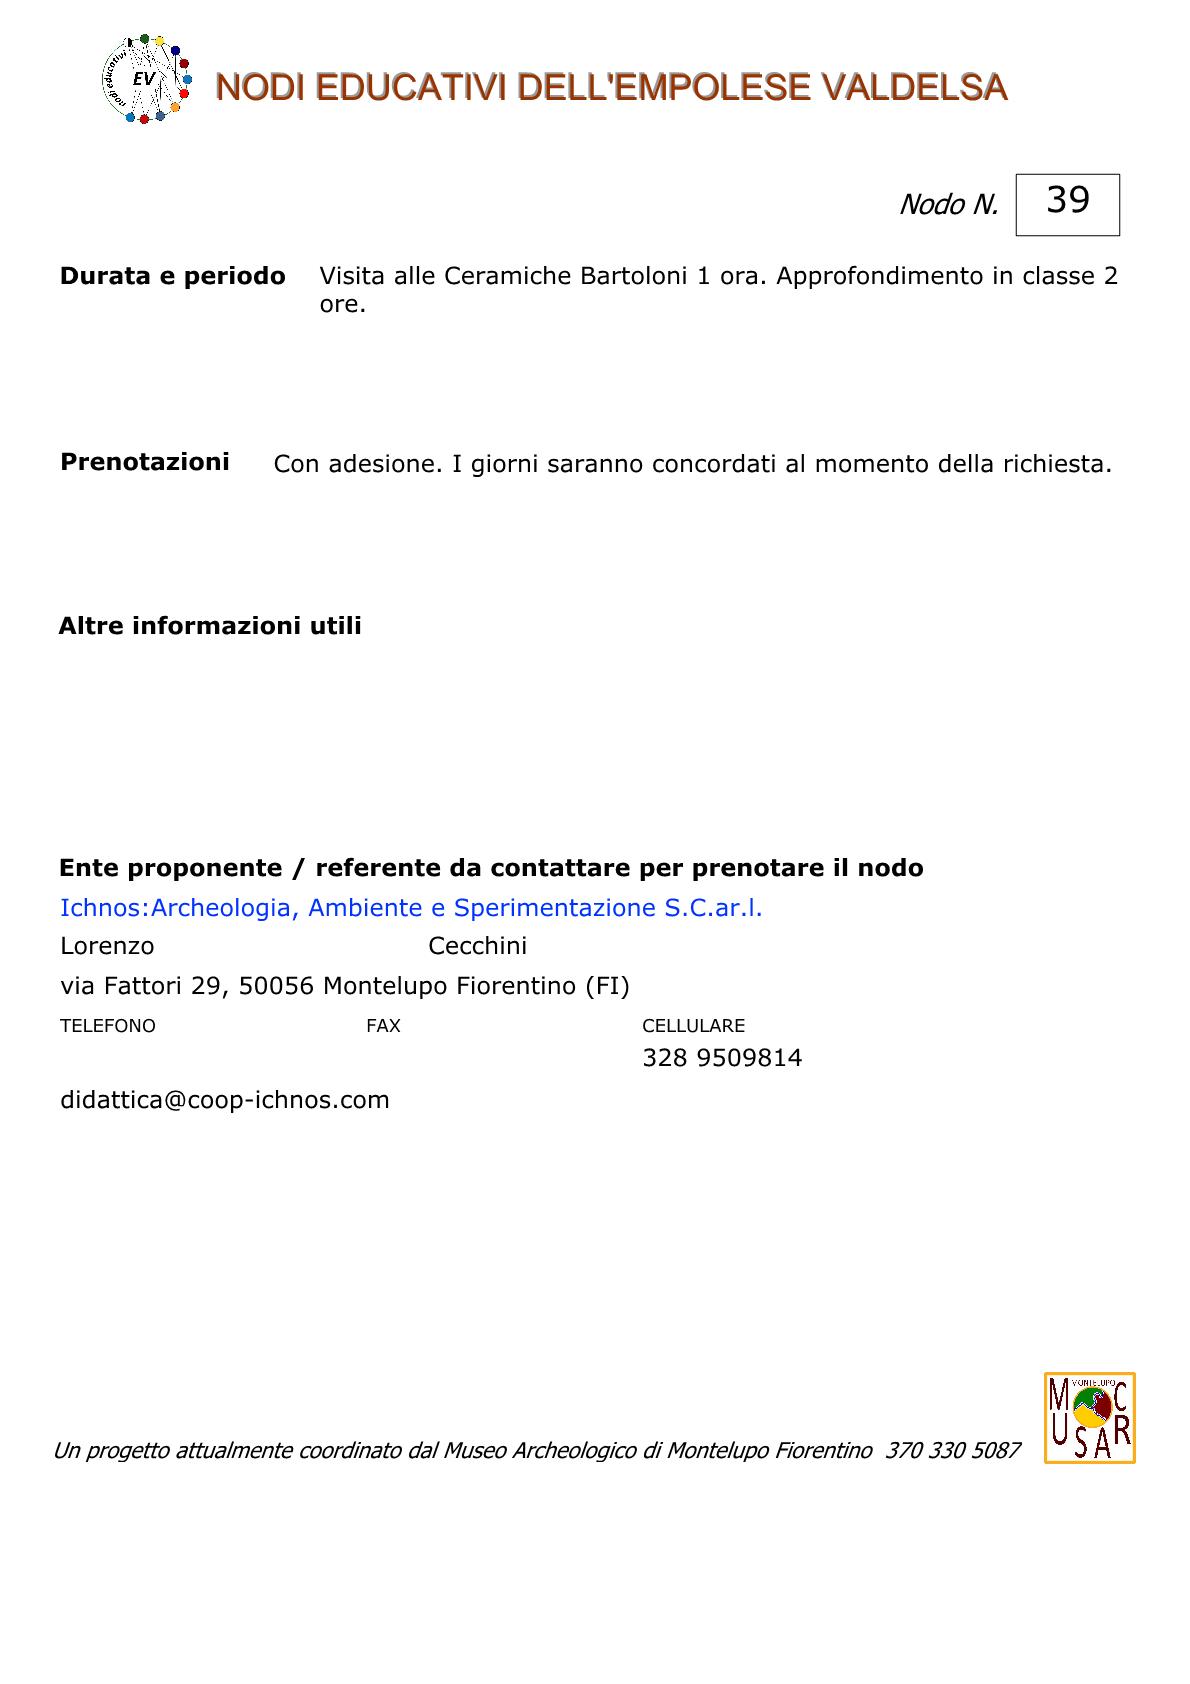 nodi-ev-161001-n-0393